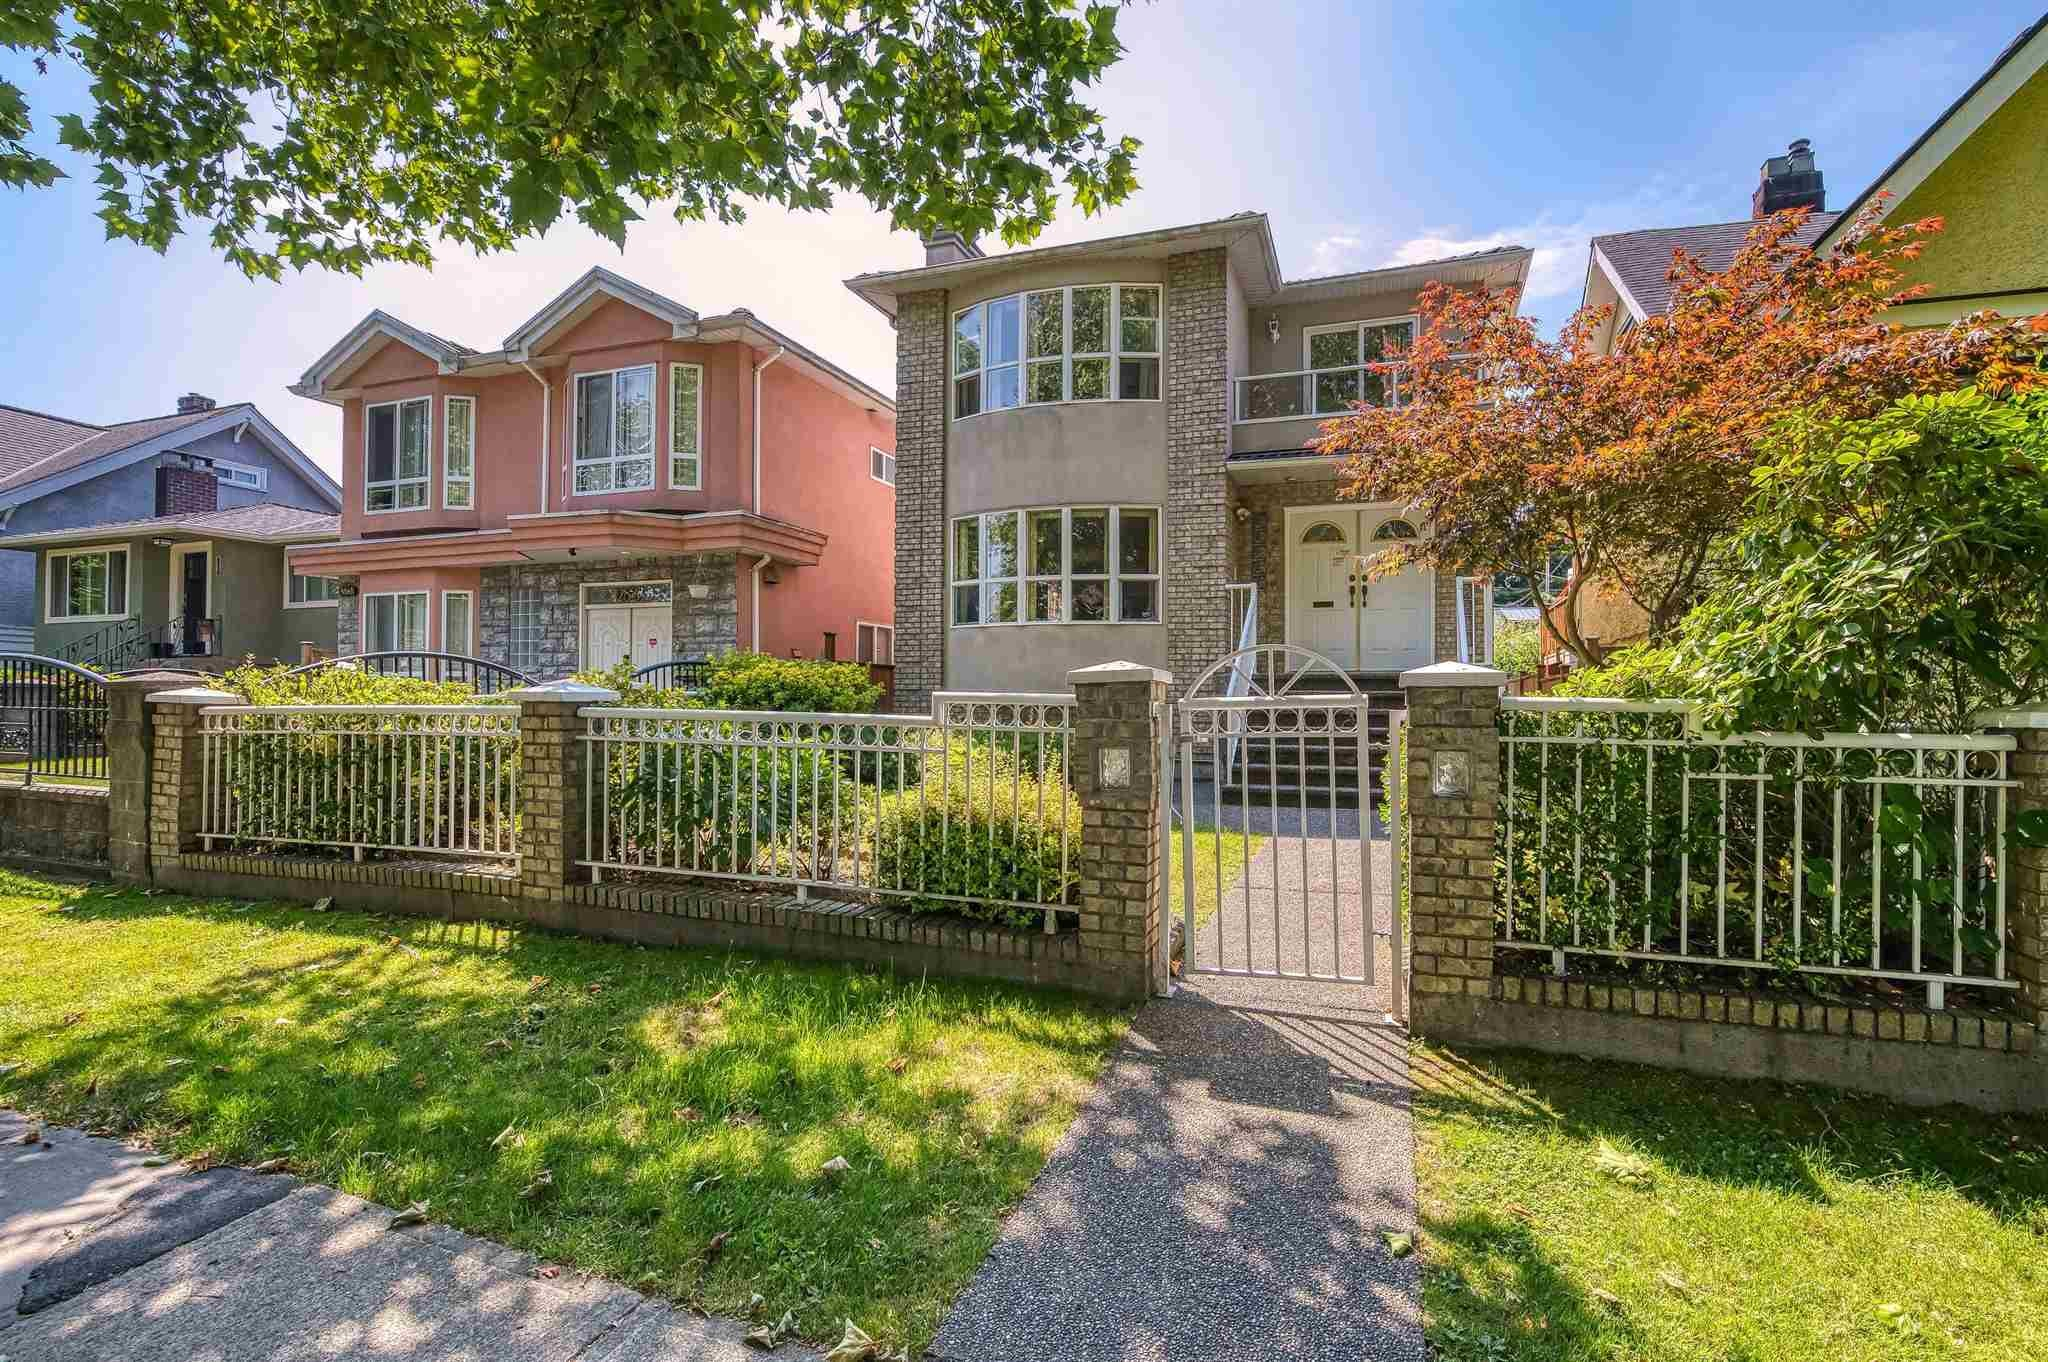 2822 KITCHENER STREET - Renfrew VE House/Single Family for sale, 6 Bedrooms (R2605382) - #1